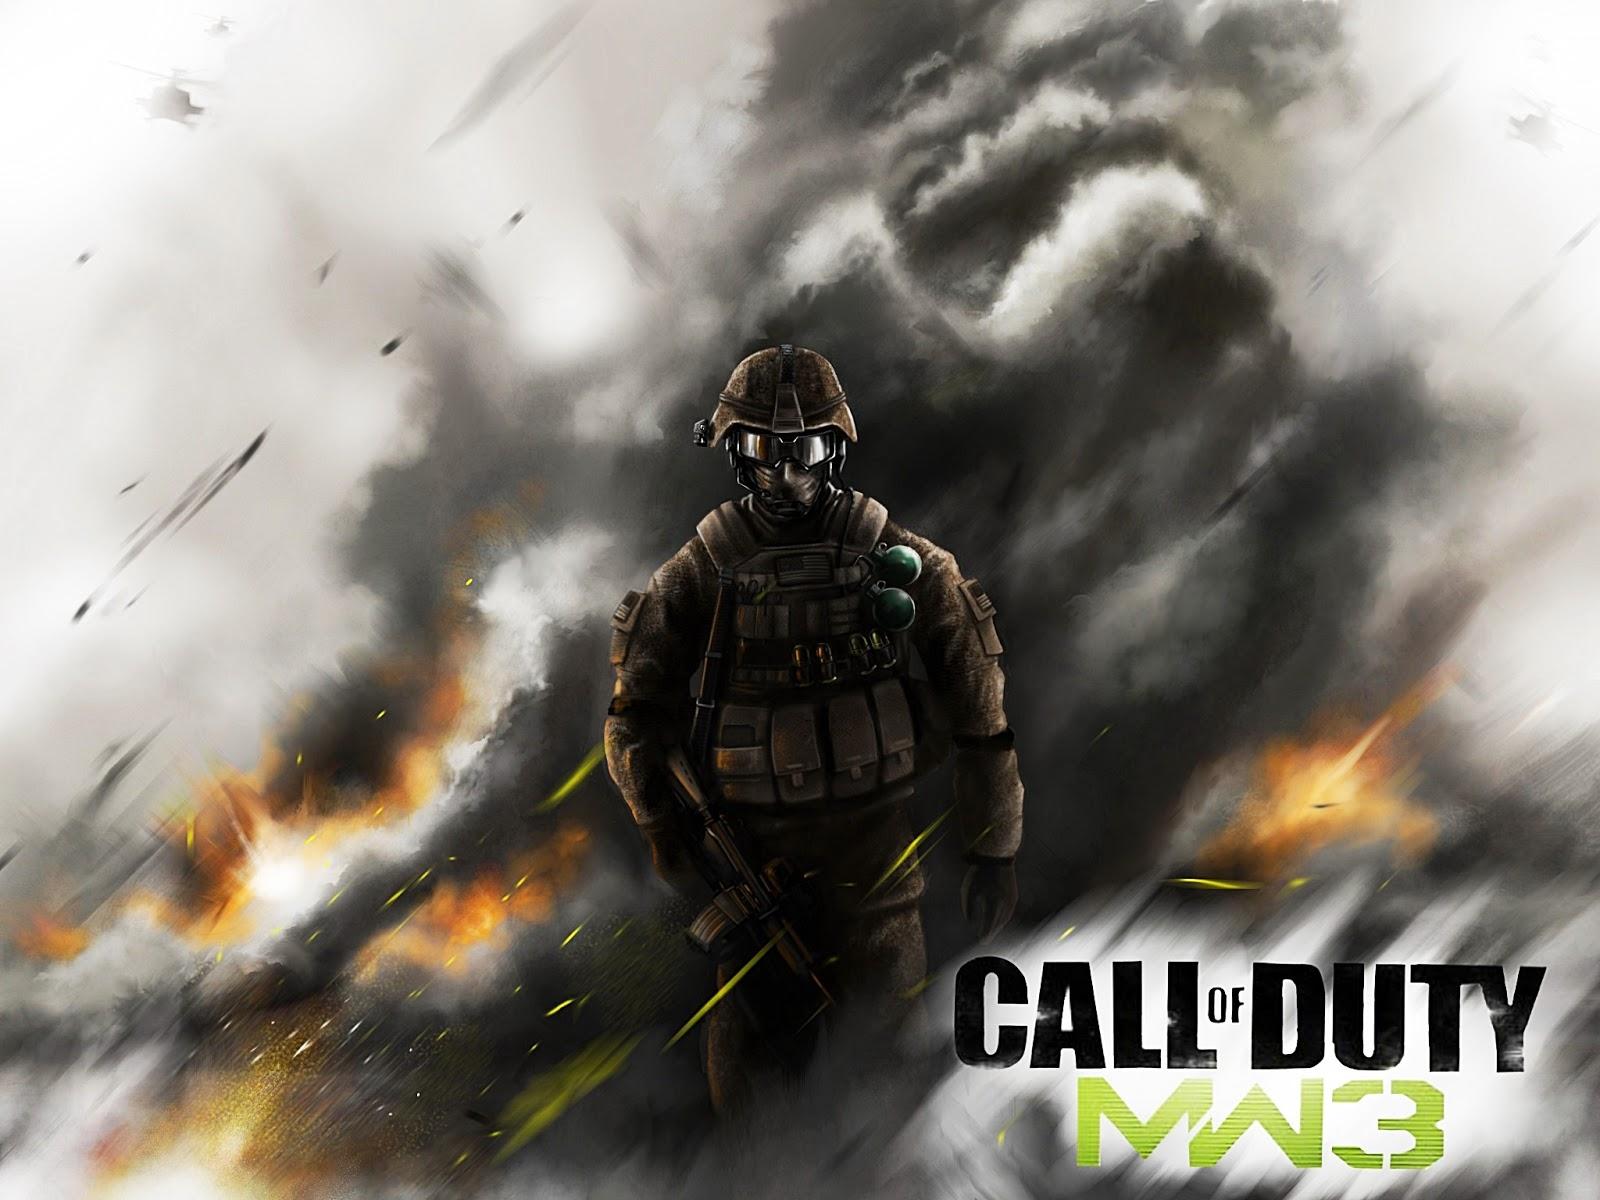 http://3.bp.blogspot.com/-rraiMi2HdpU/TnTqPDw2ZWI/AAAAAAAAAs8/WVxbbjjEAC8/s1600/call_of_duty__modern_warfare_3_by_jose144-d3h5skx.jpg